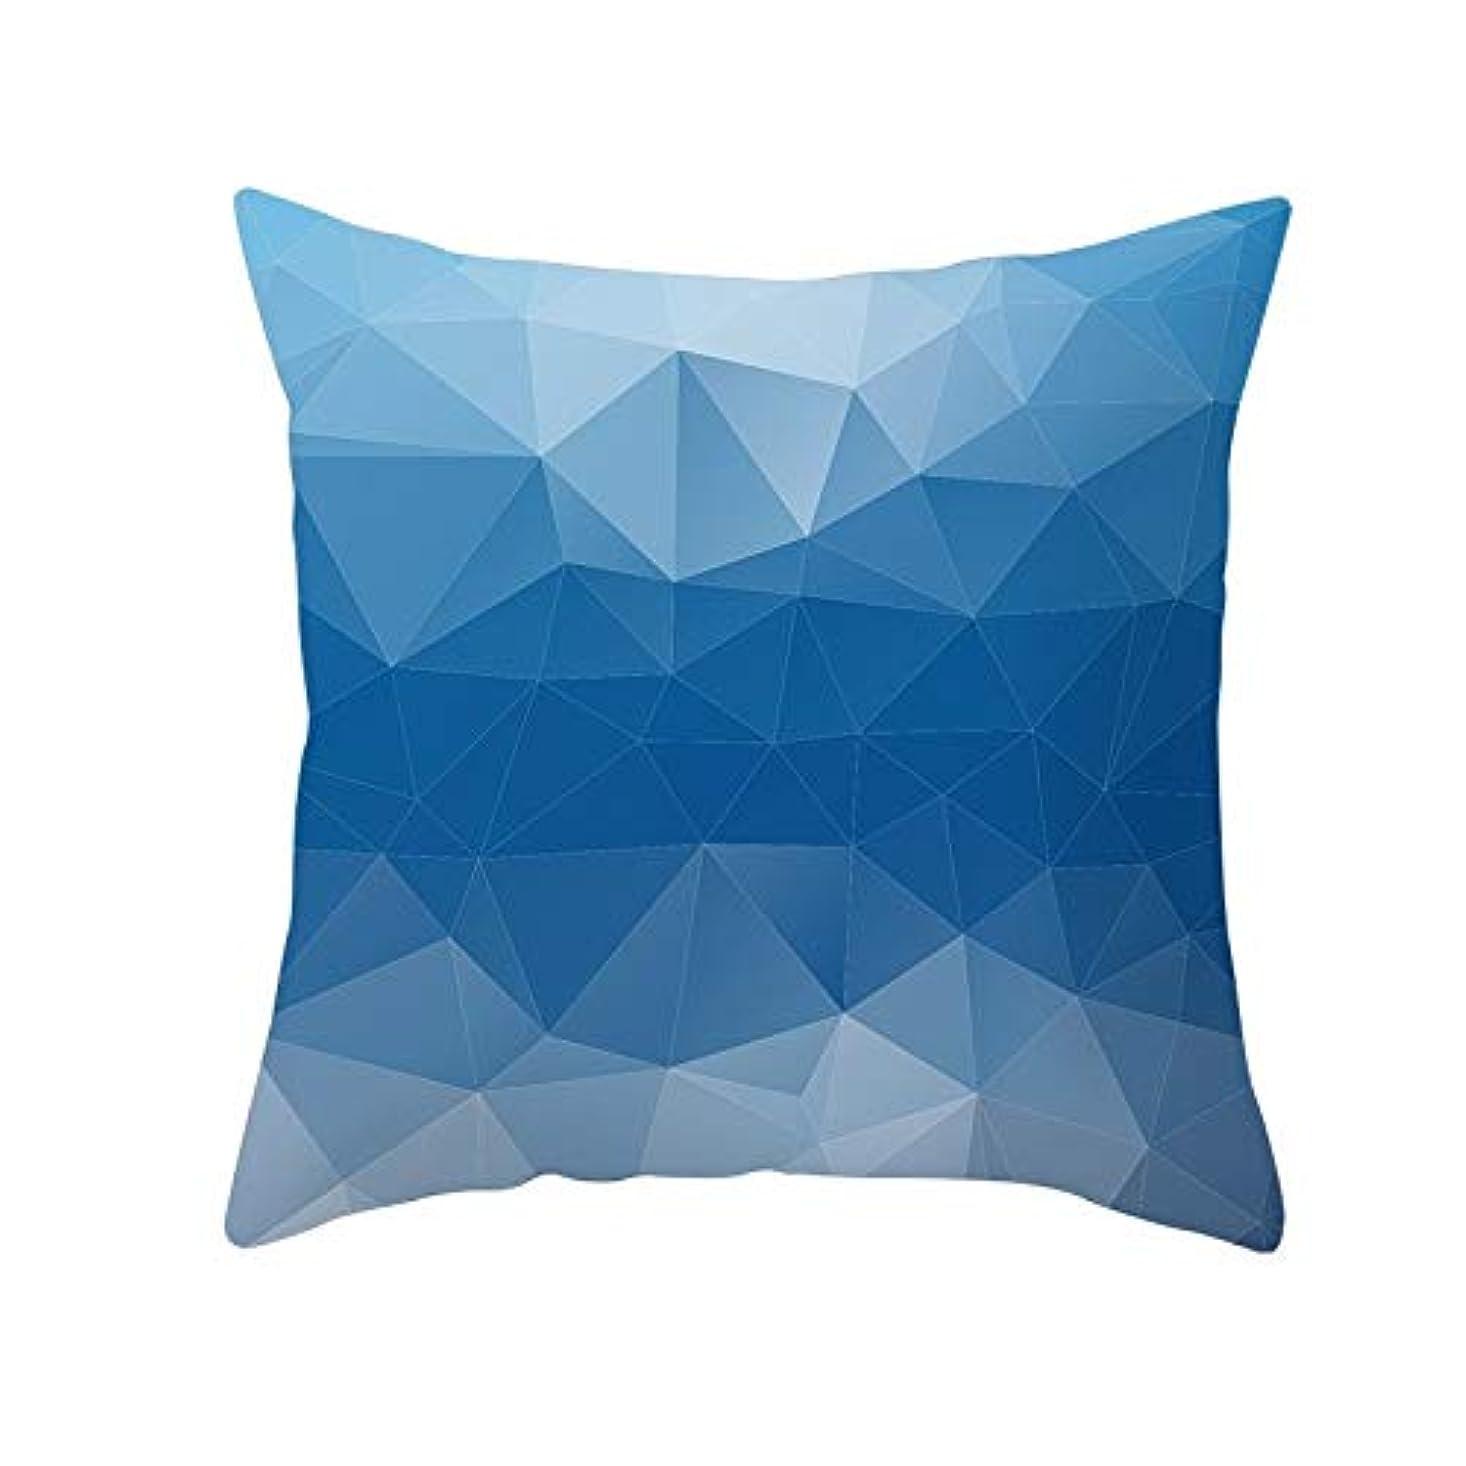 グラム視聴者技術LIFE 装飾クッションソファ 幾何学プリントポリエステル正方形の枕ソファスロークッション家の装飾 coussin デ長椅子 クッション 椅子